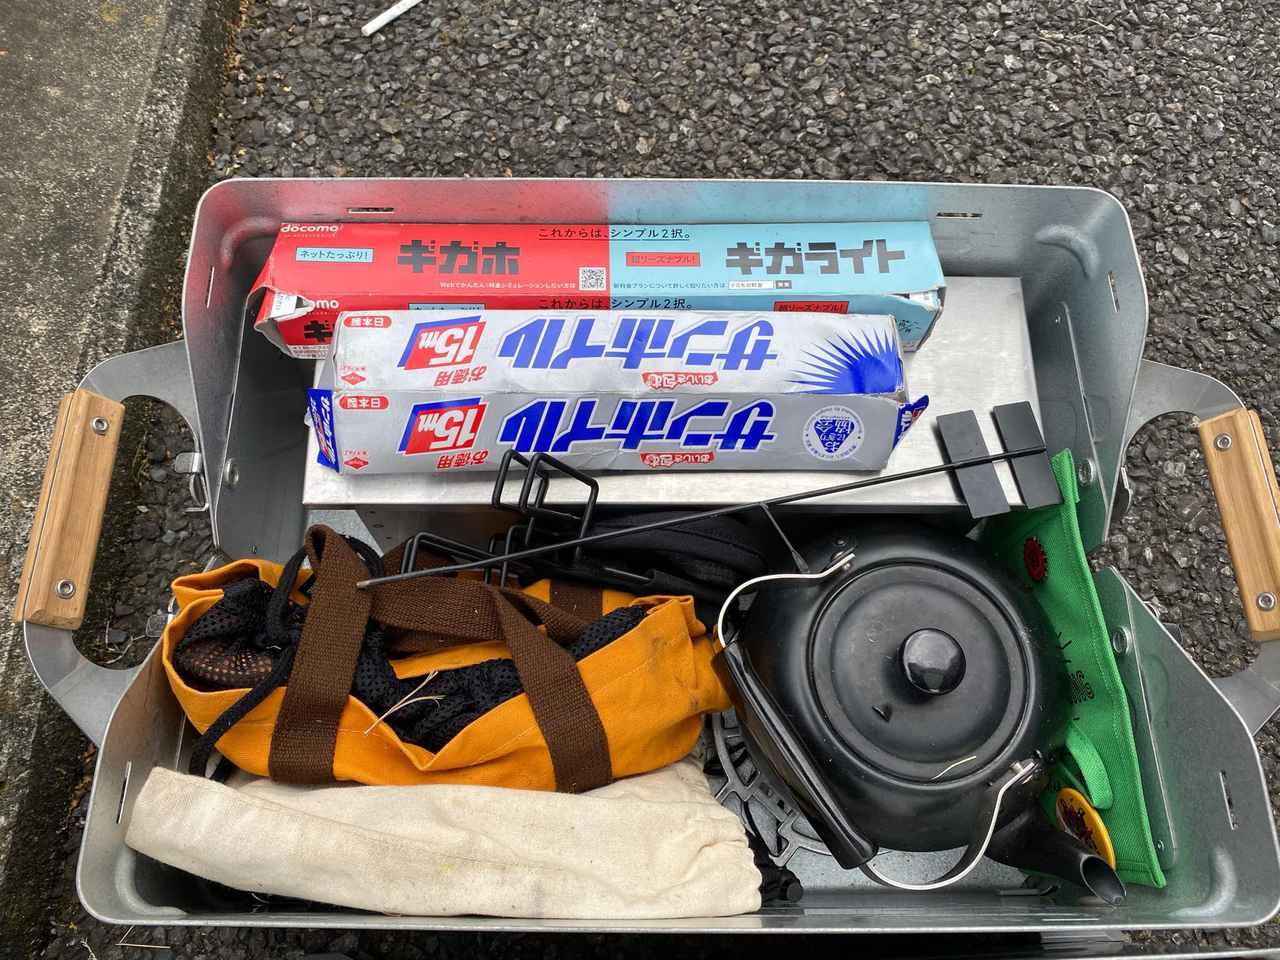 画像: 筆者撮影 やかん、ホットサンドクッカー、ちびパンなど調理道具系でまとめたボックス